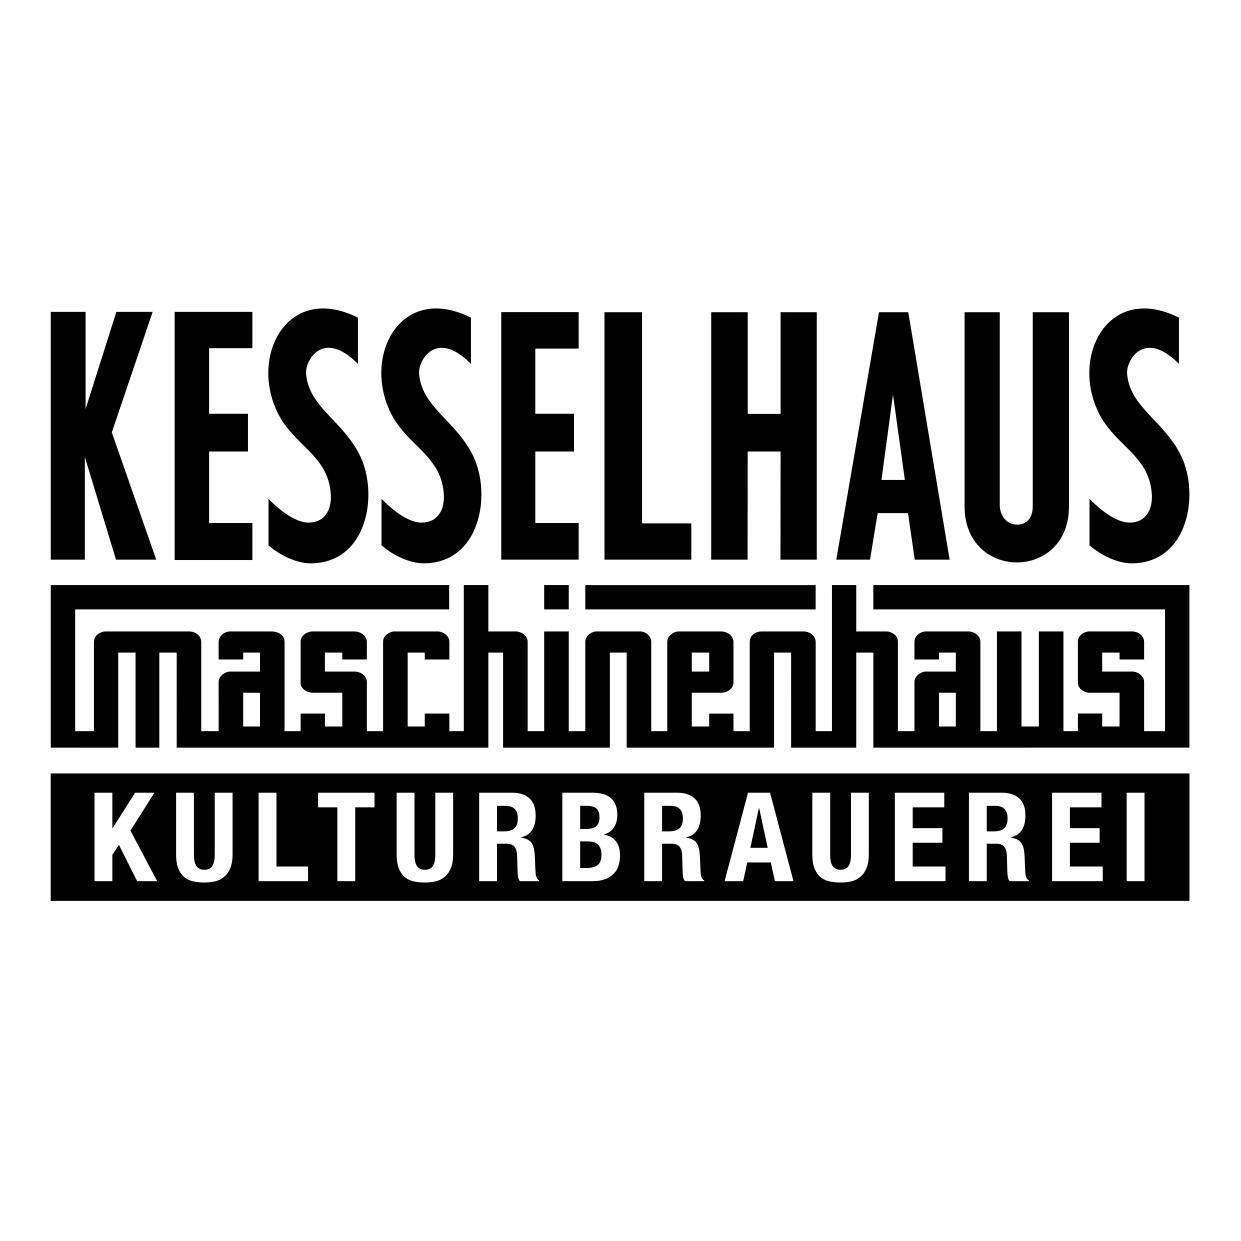 logo_kesselhaus_maschinenhaus_kulturbrauerei_2013_1.png